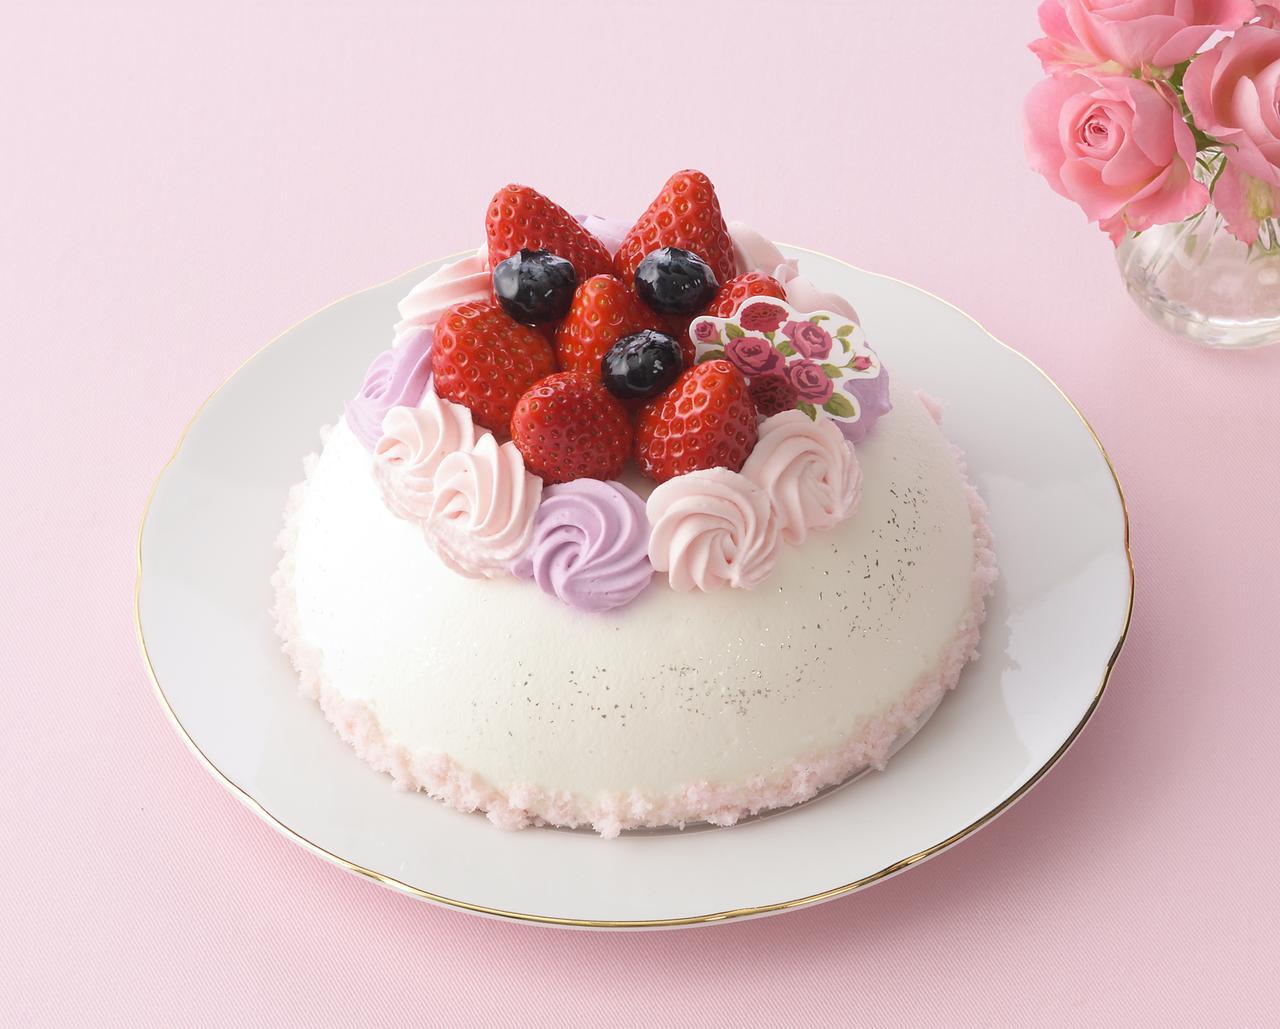 画像: 価 格: <直径15cm、5~6人分>¥2,200(税込¥2,376) 販売期間: 2017年5月12日(金)~14日(日) 特 長: 苺の甘酸っぱさに練乳クリームの甘みがアクセント。ブルーベリー風味クリームと苺クリーム、苺とブルーベリーで飾った花束のようなデコレーションケーキ。母の日ピック付き。